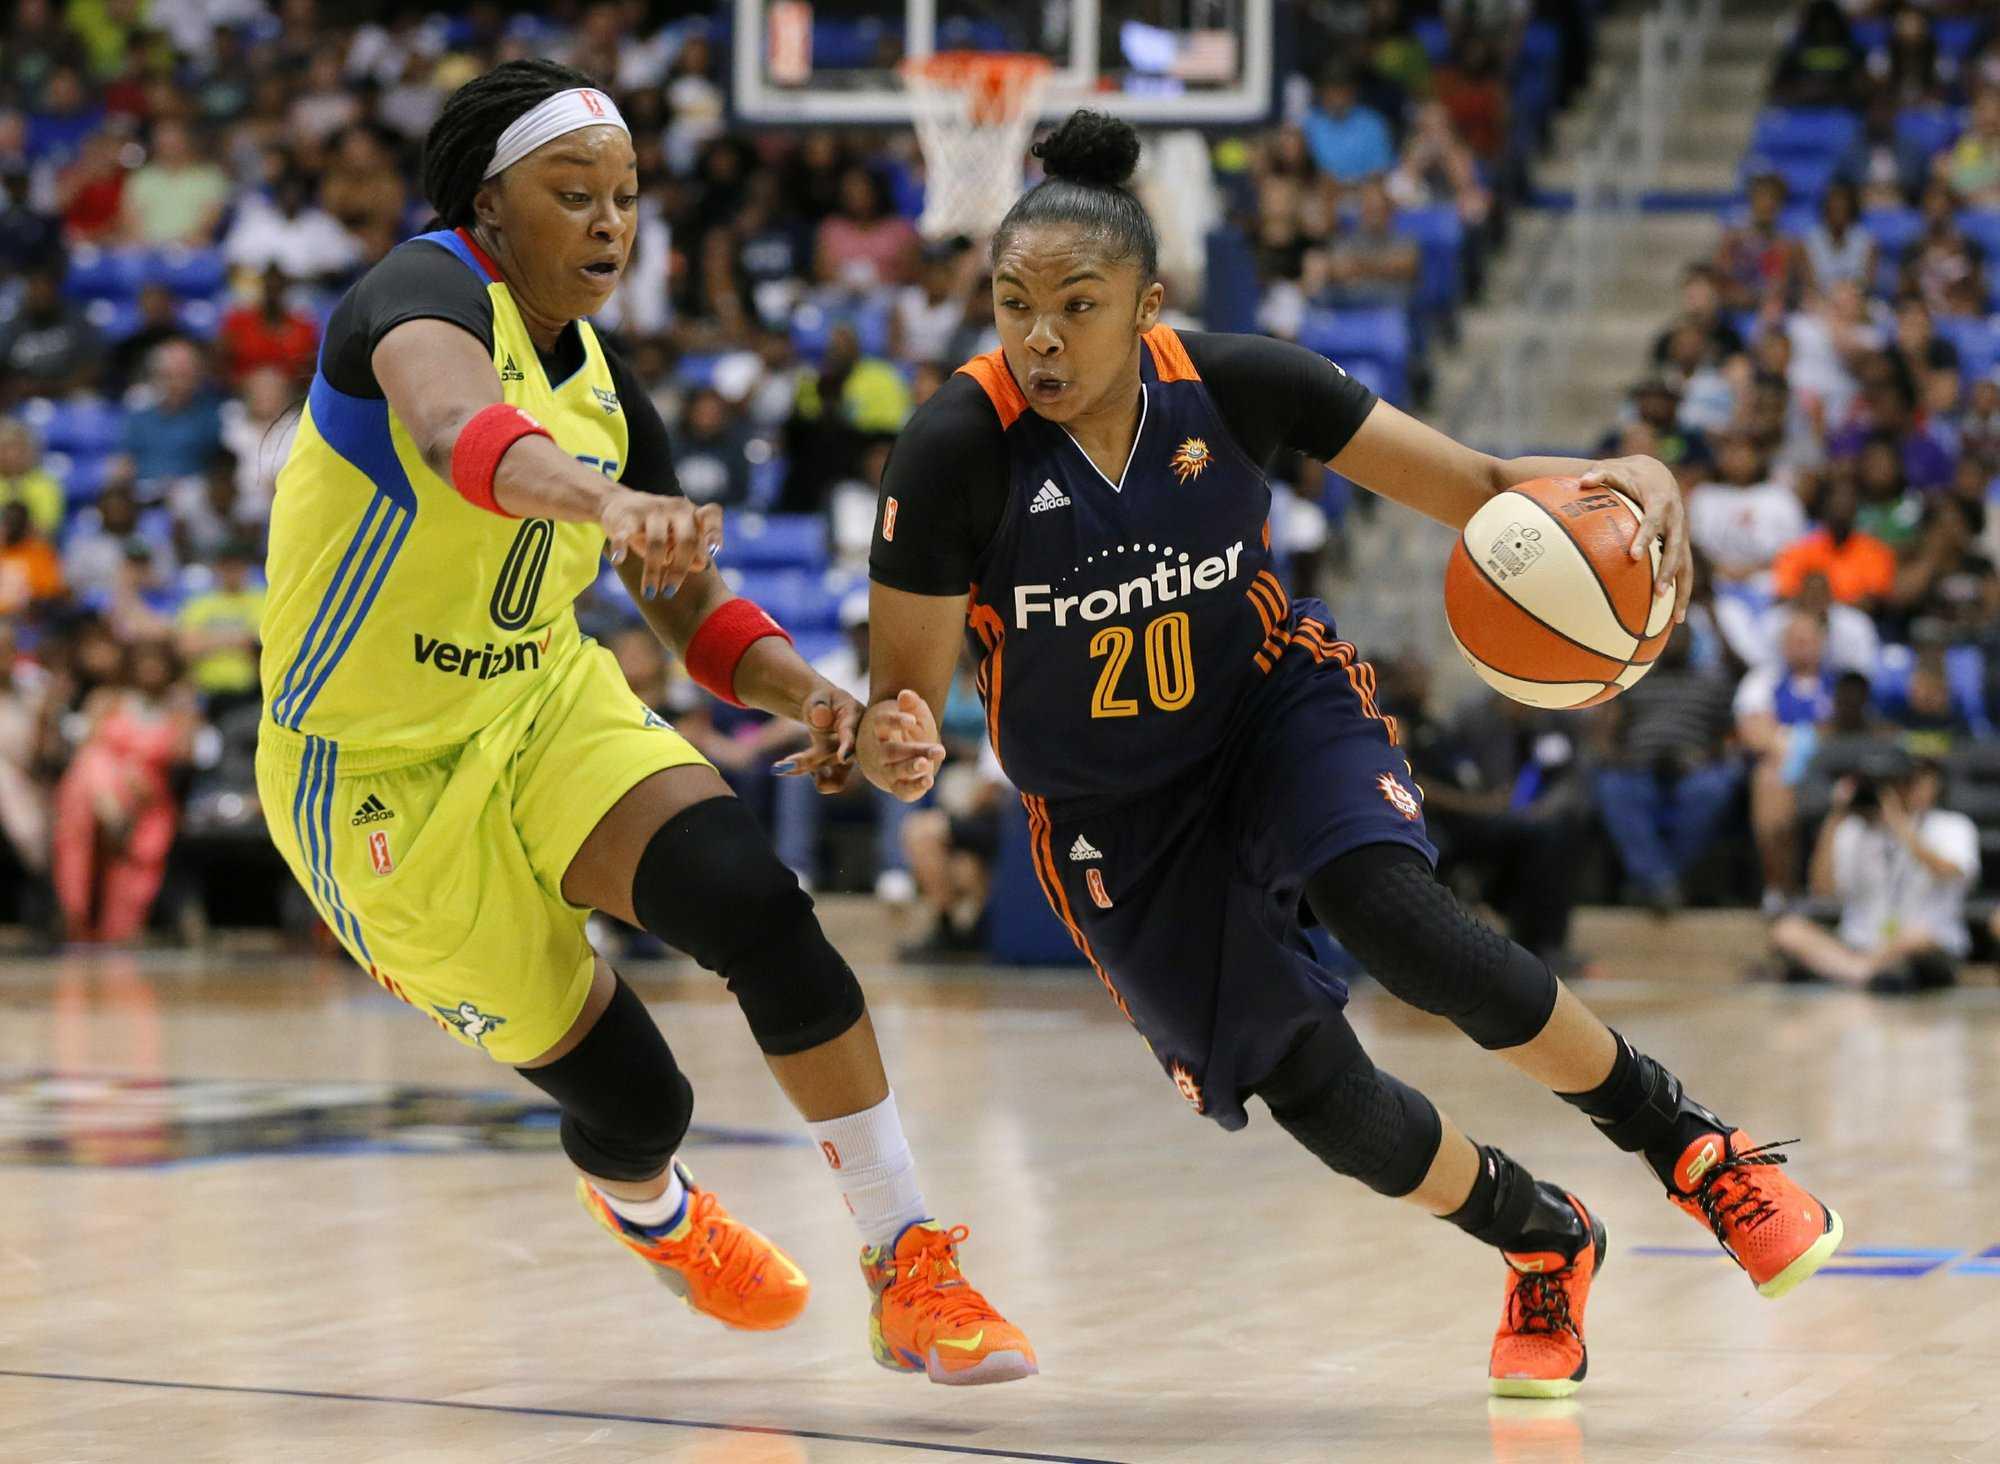 WNBA Basketball News and Notes